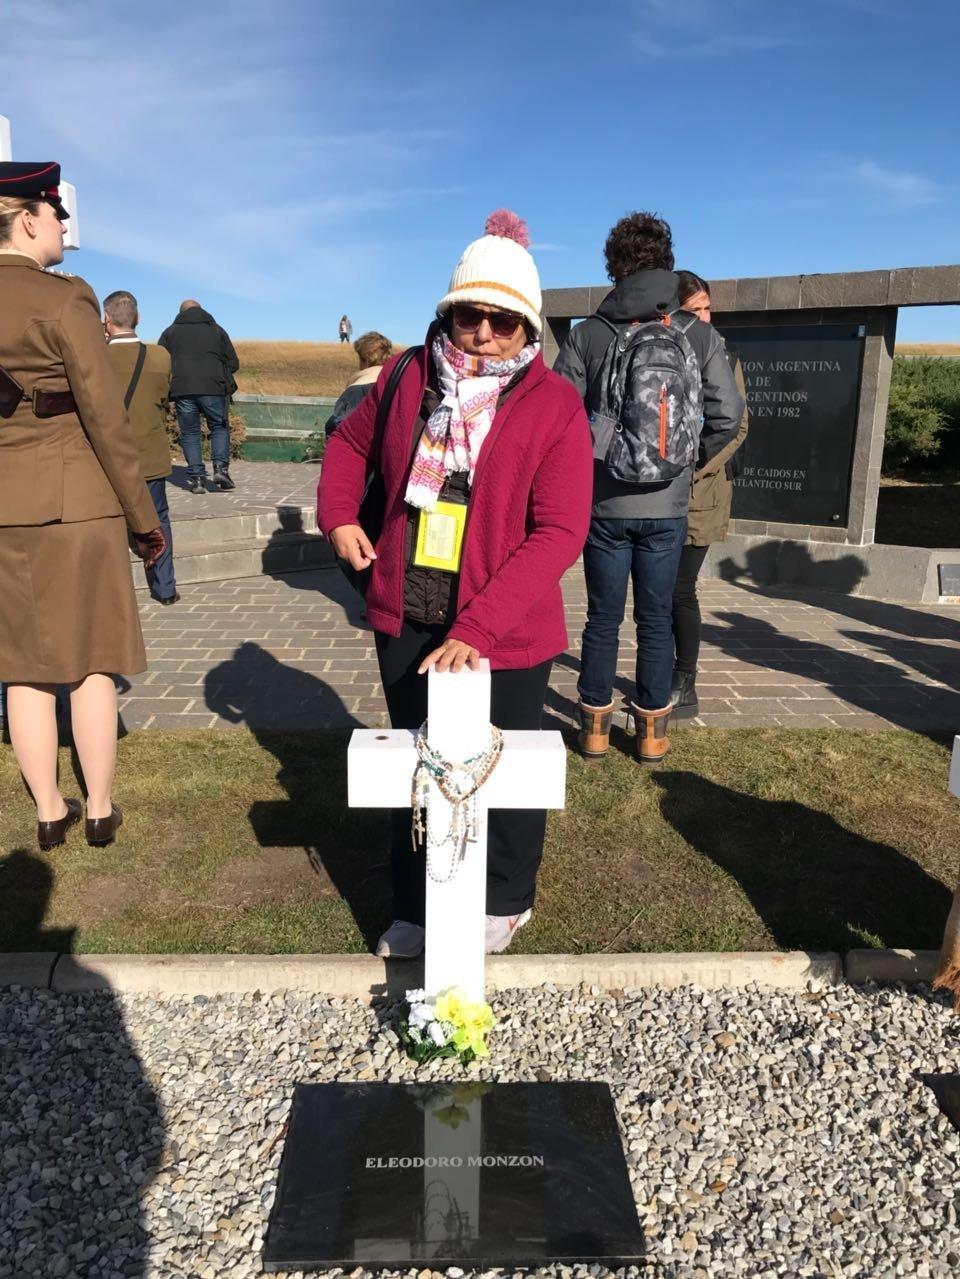 Mirta Monzón visita la tumba de su hermano, el soldado argentino caído en Malvinas Eleodoro Monzón, en el Cementerio de Darwin